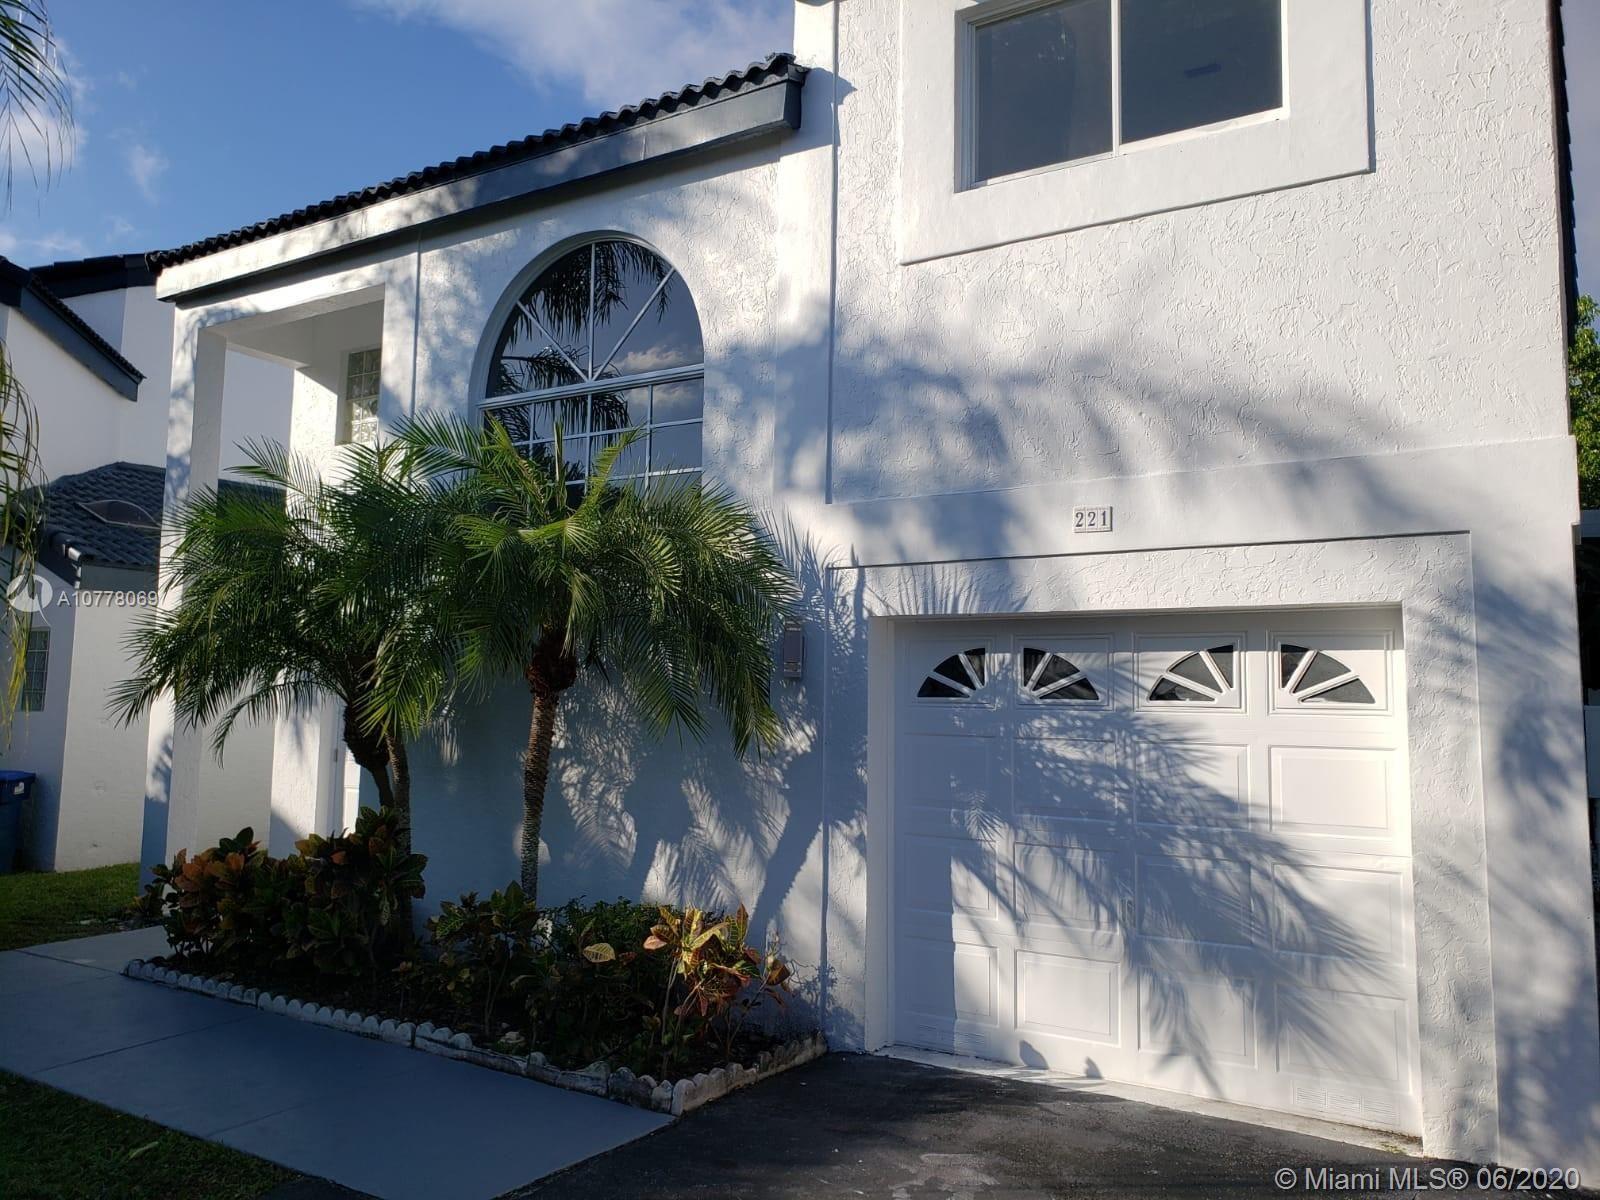 221 NE 212th St, Miami, FL 33179 - MLS#: A10778069